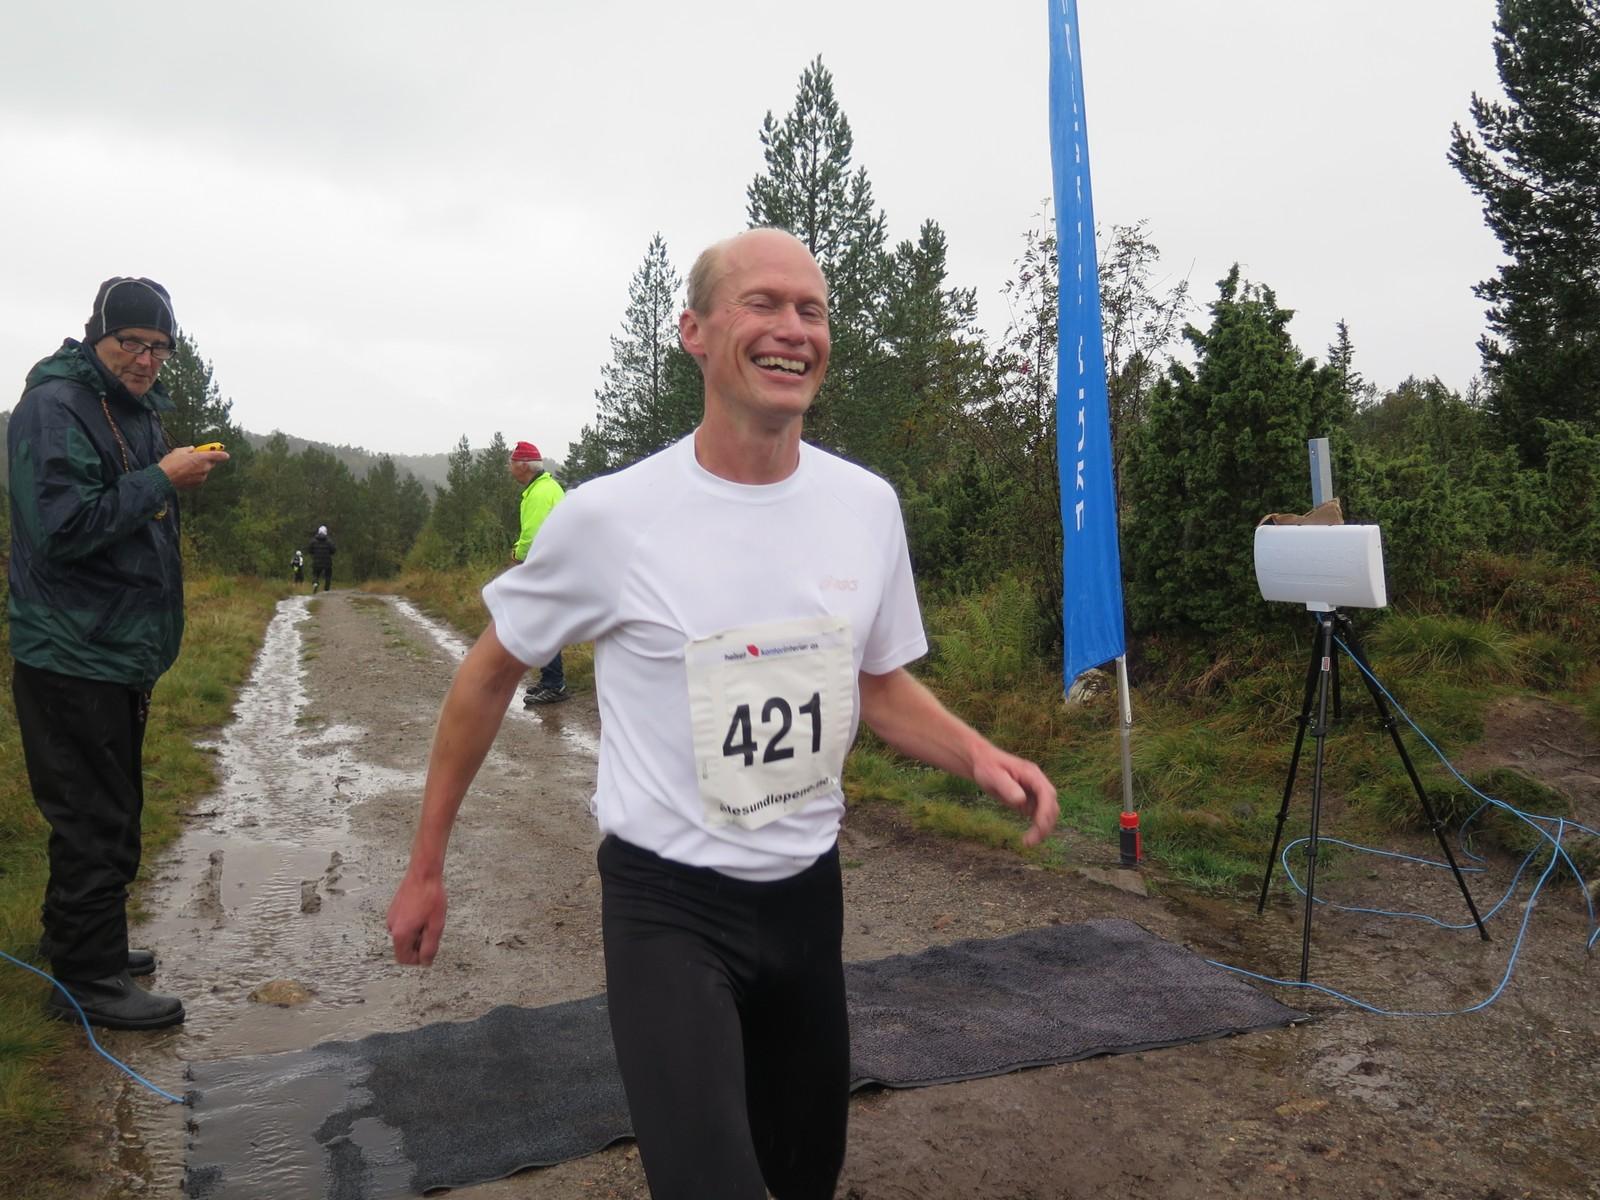 Jan Vinnes passerer målstreken